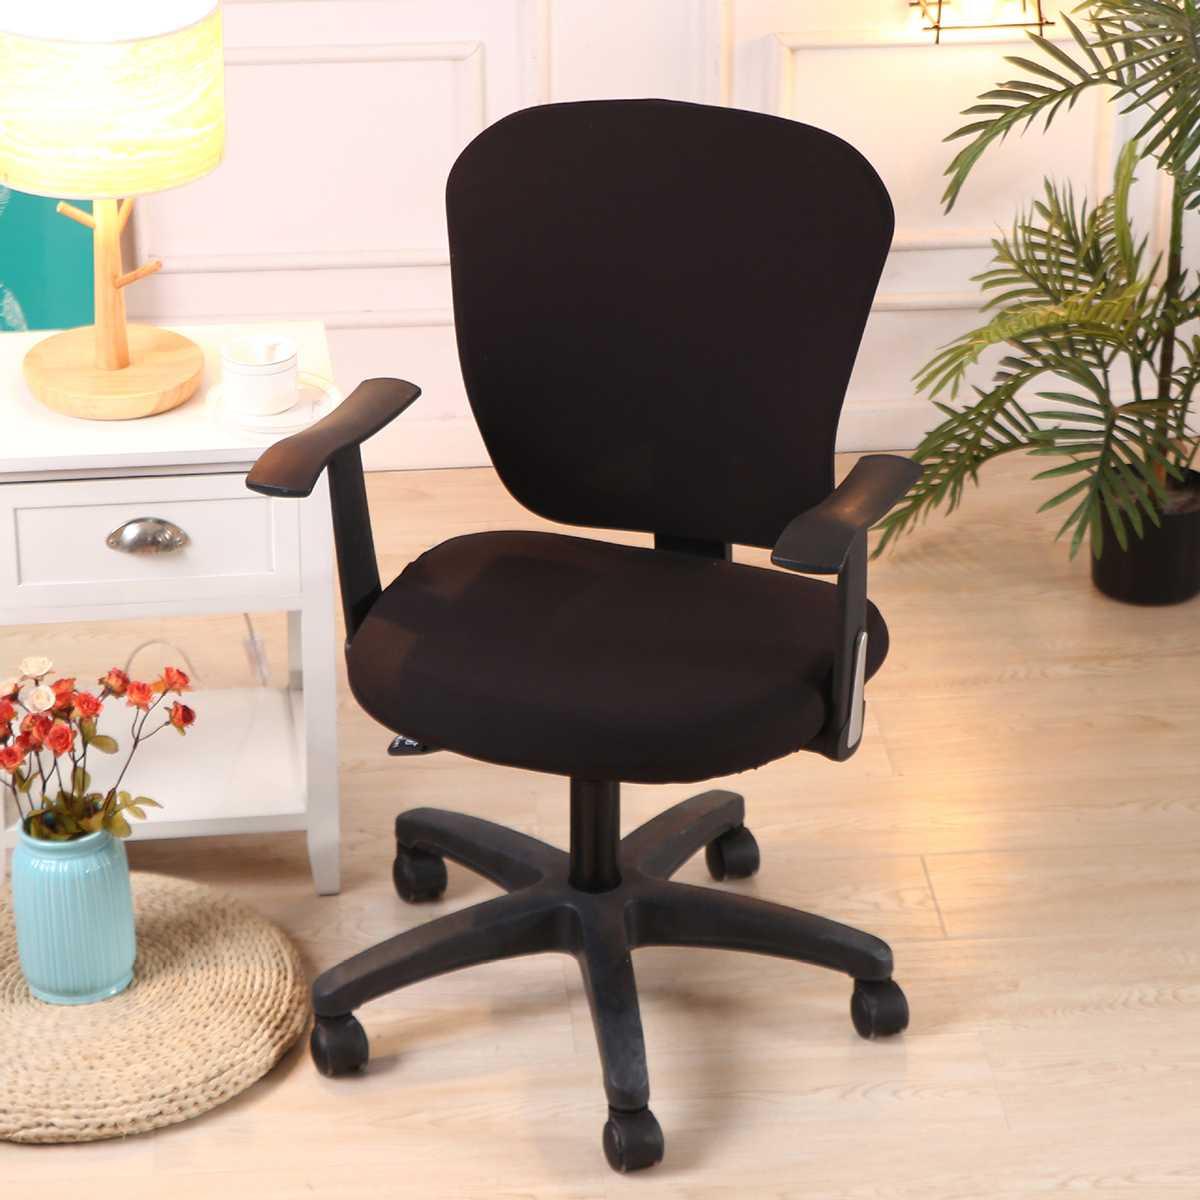 2 шт./компл. Универсальный стрейч спандекс чехлы на стулья анти-грязный компьютерный стул крышка Сменные Чехлы для офисных стульев для сиден...